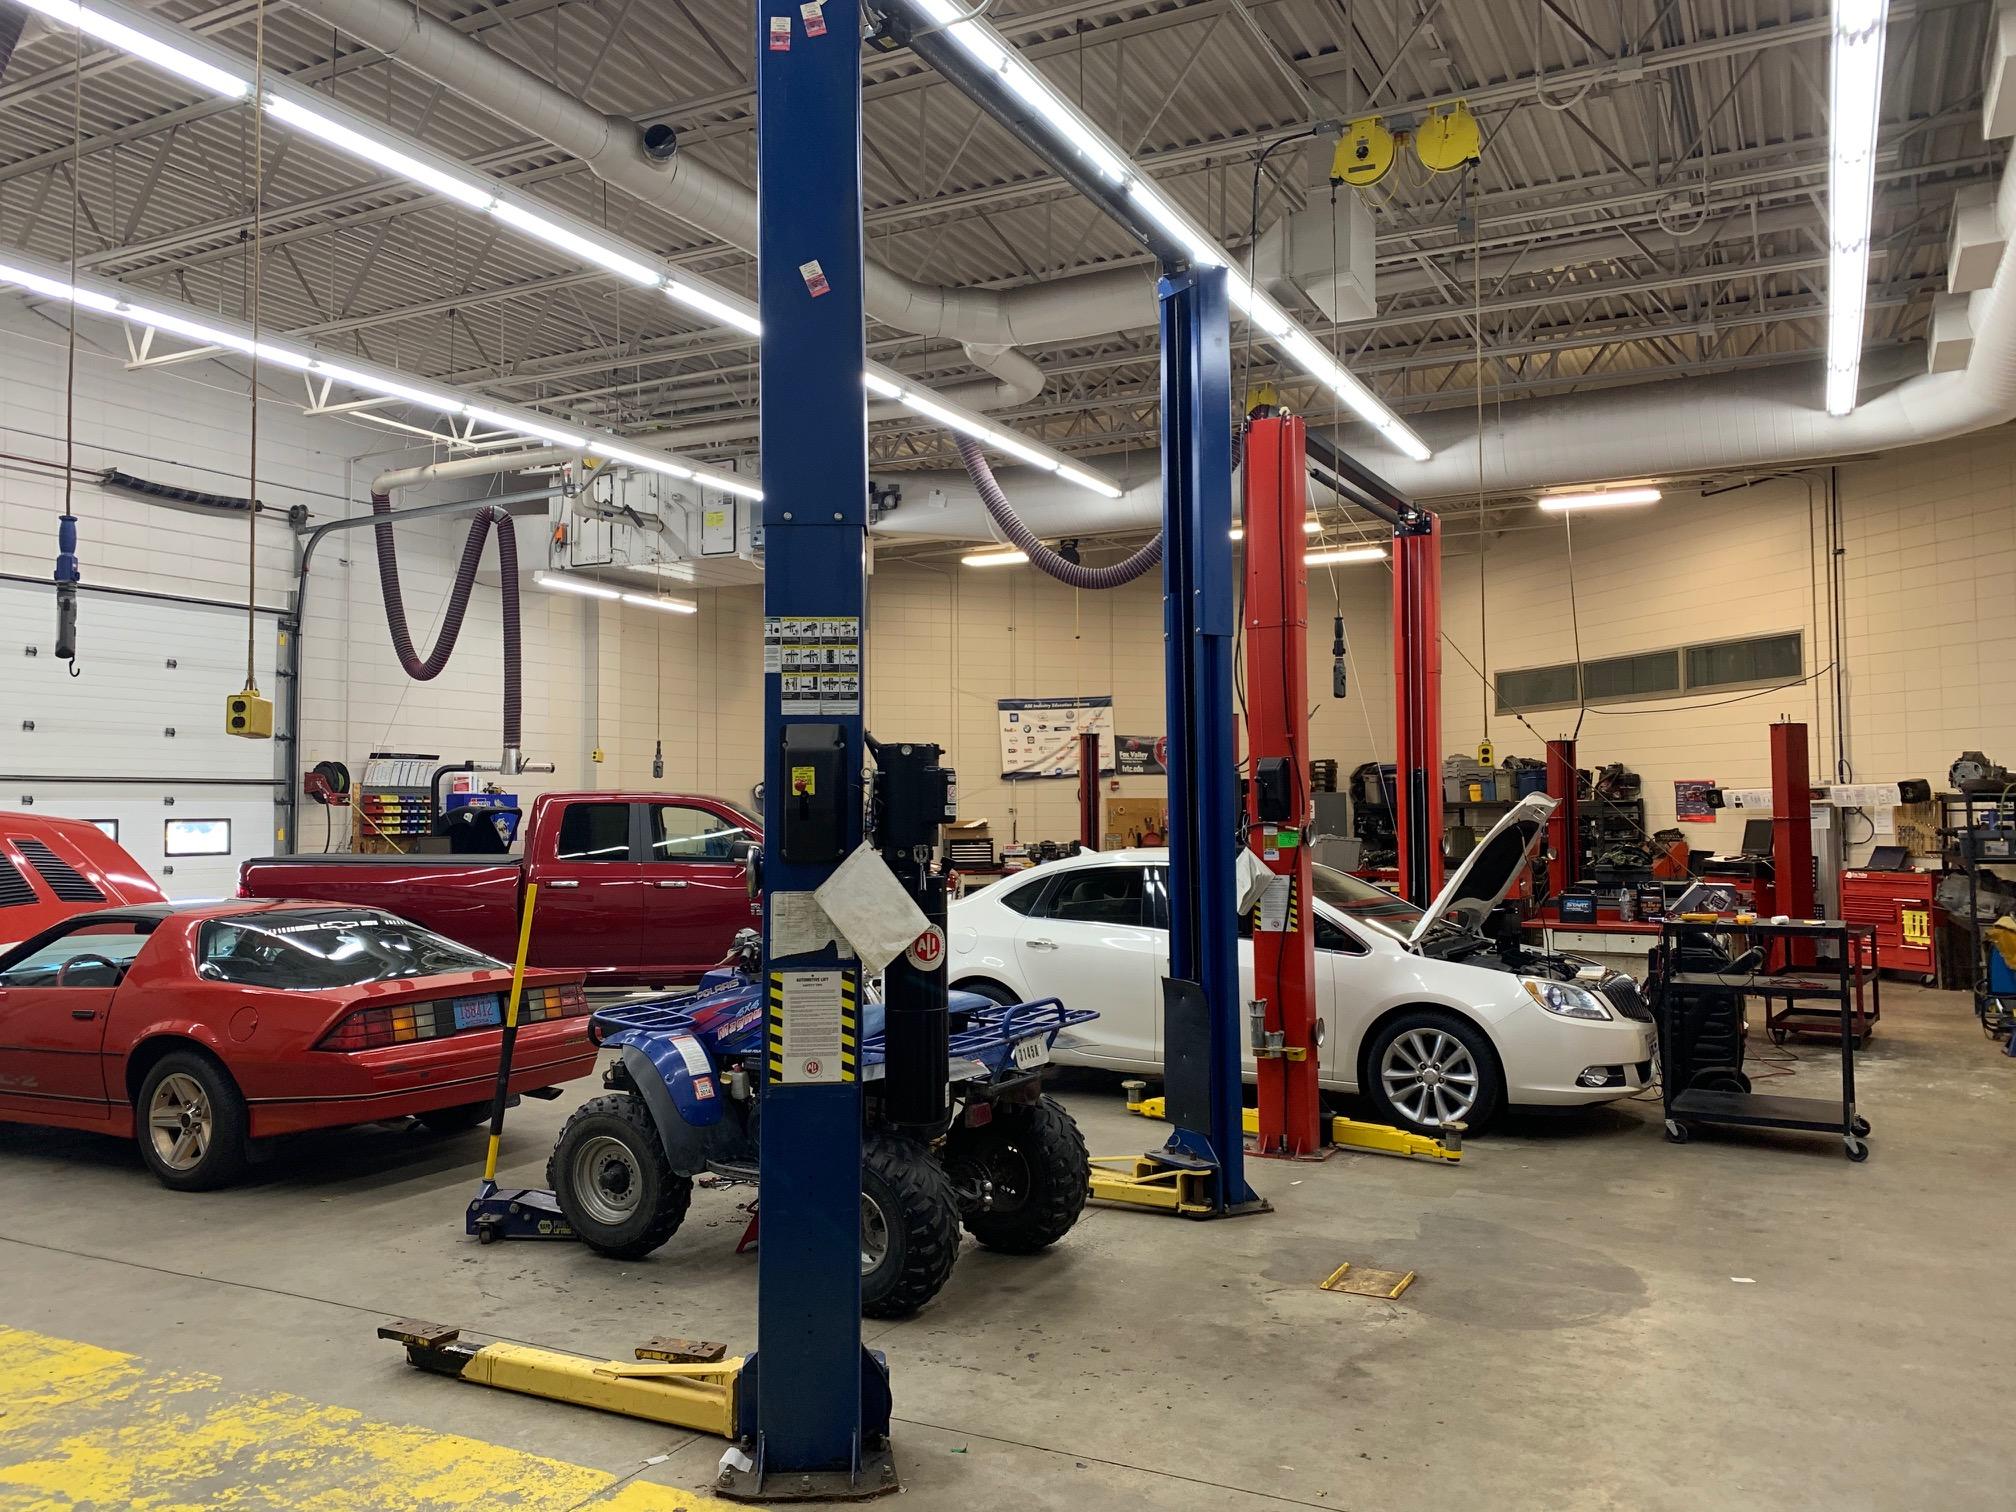 Mr. Hodkiewicz's automotive shop.